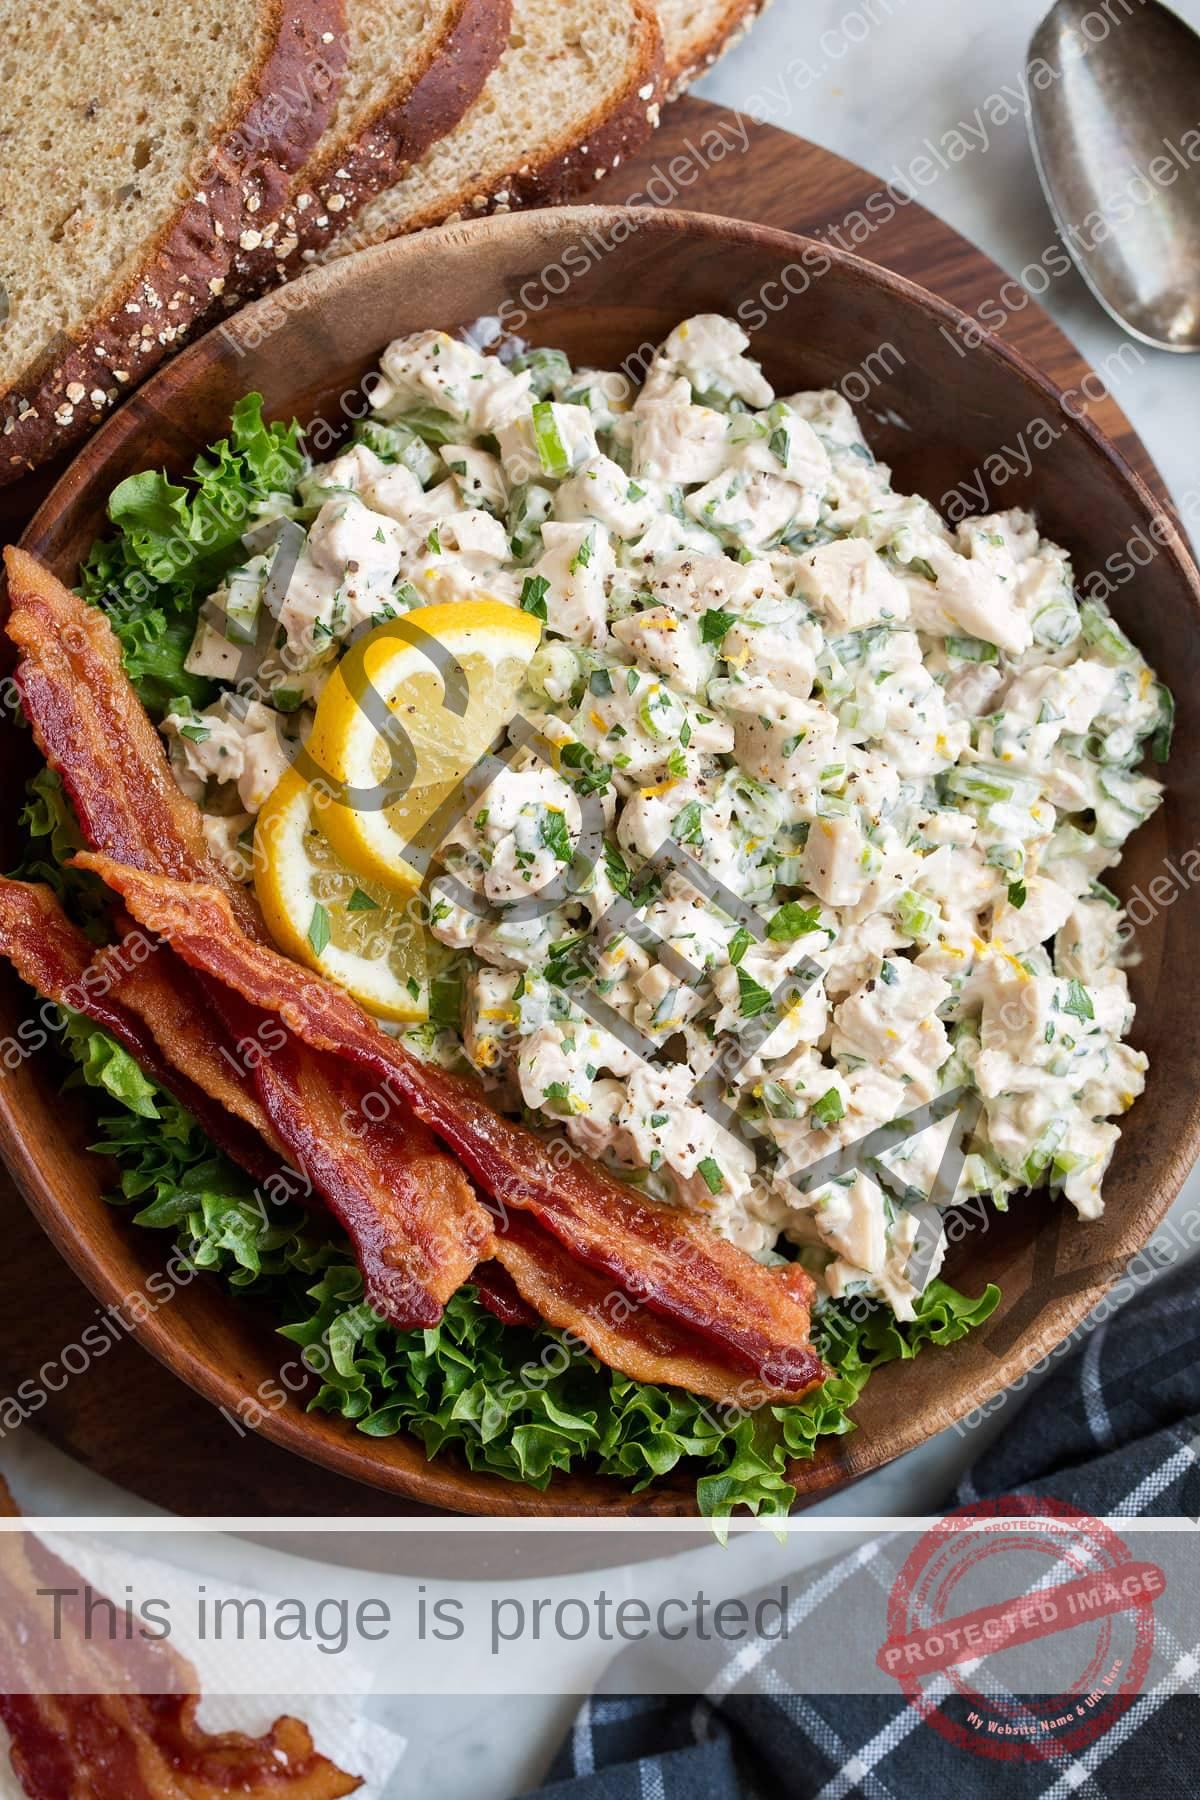 Ensalada de pollo en un cuenco de madera con tocino y lechuga.  Se adorna con rodajas de limón y hay rodajas de pan junto al bol.